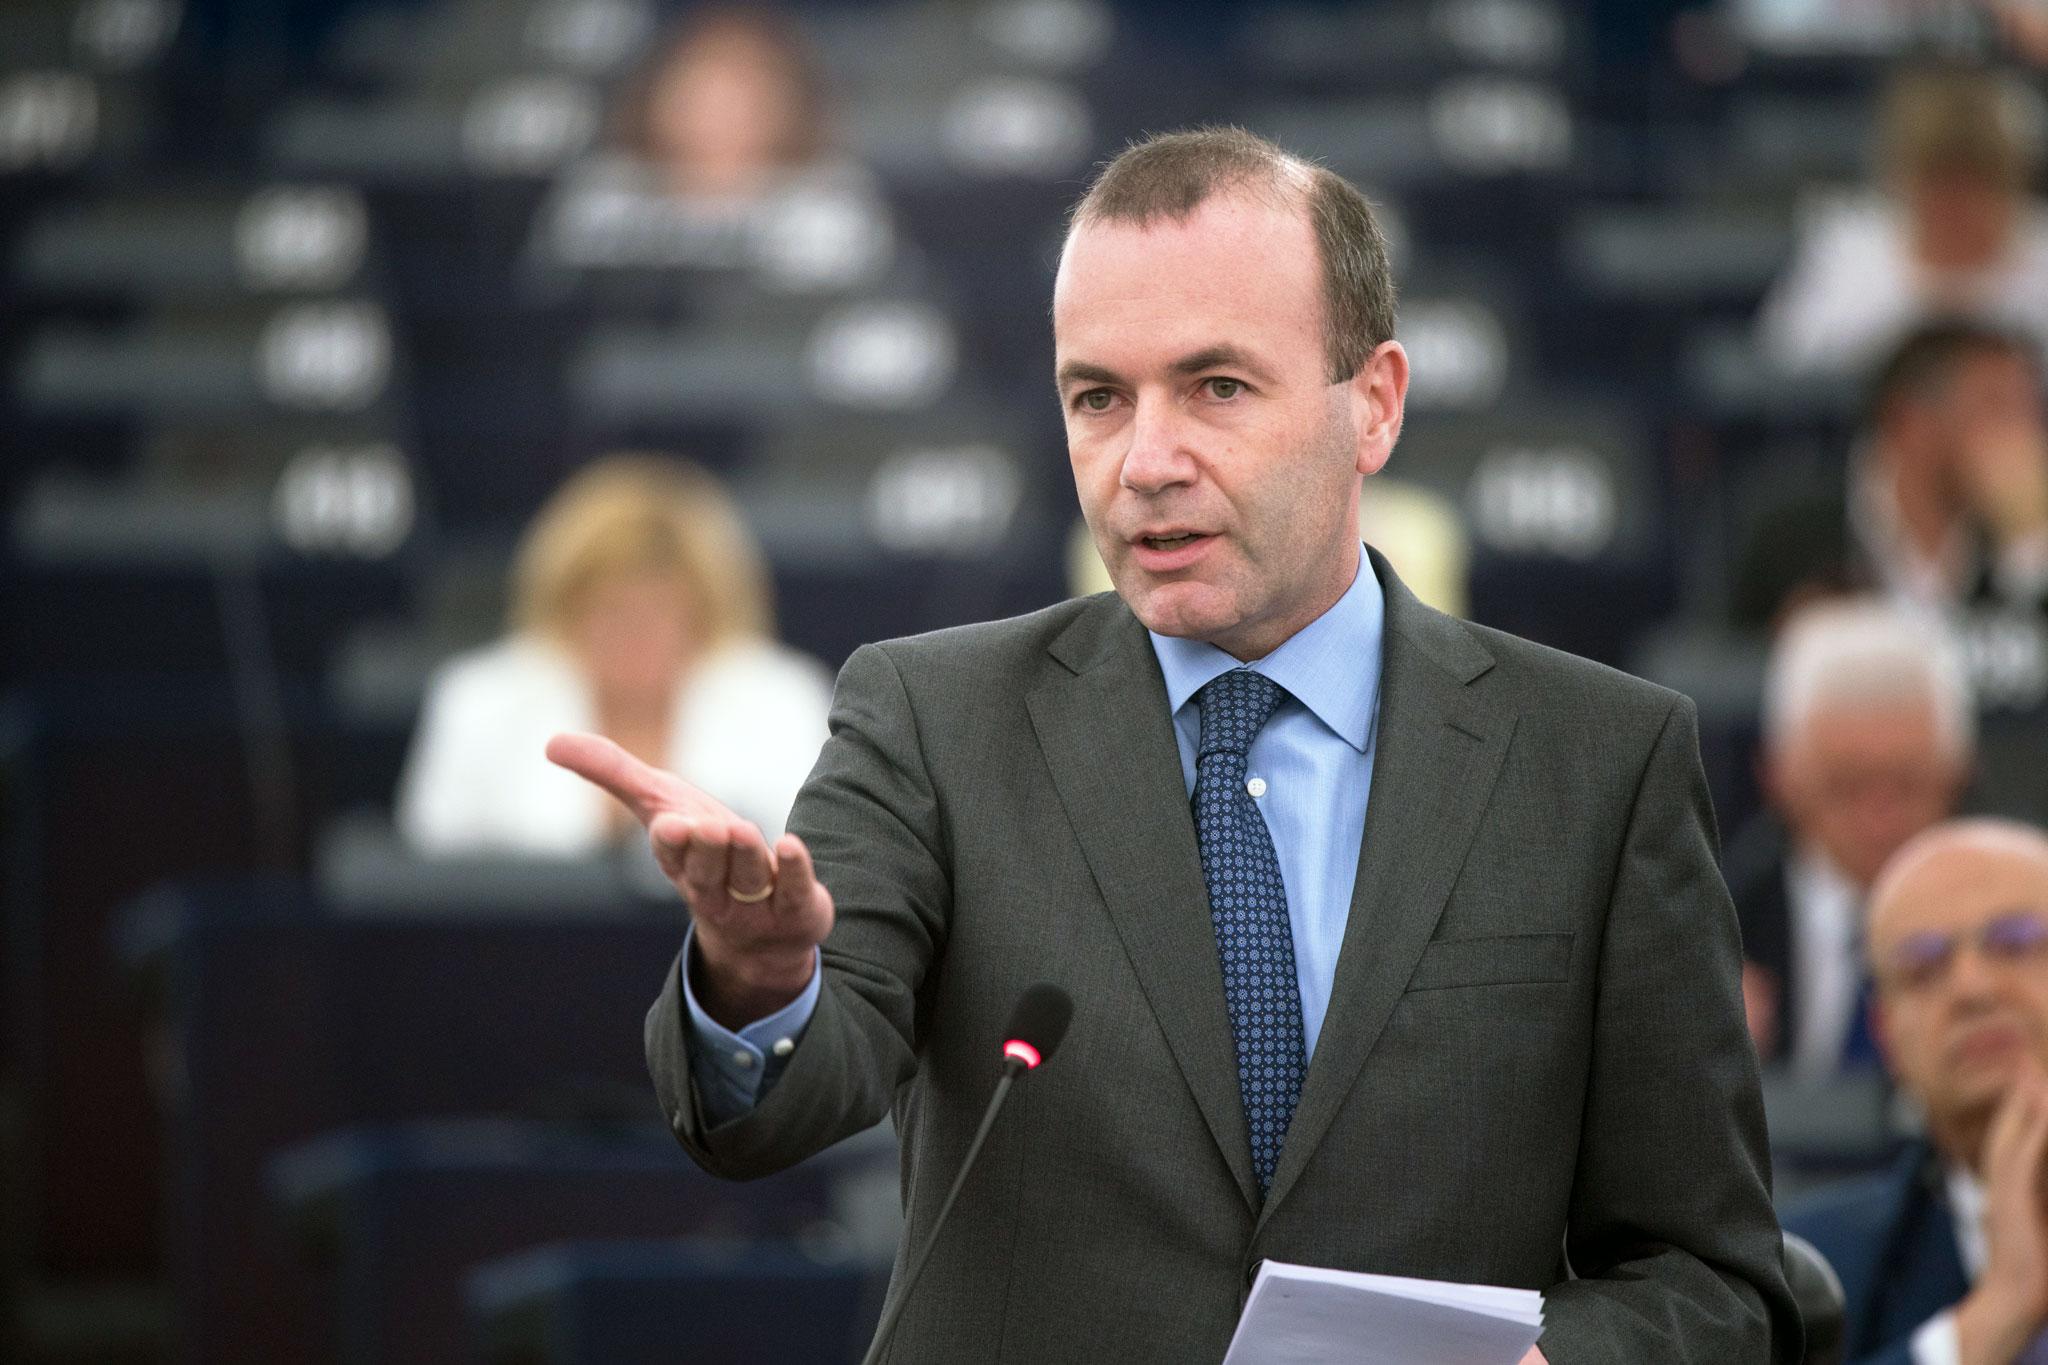 Manfred Weber, člen bavorské Křesťansko-sociální unie (CSU) a kandidát na šéfa EK